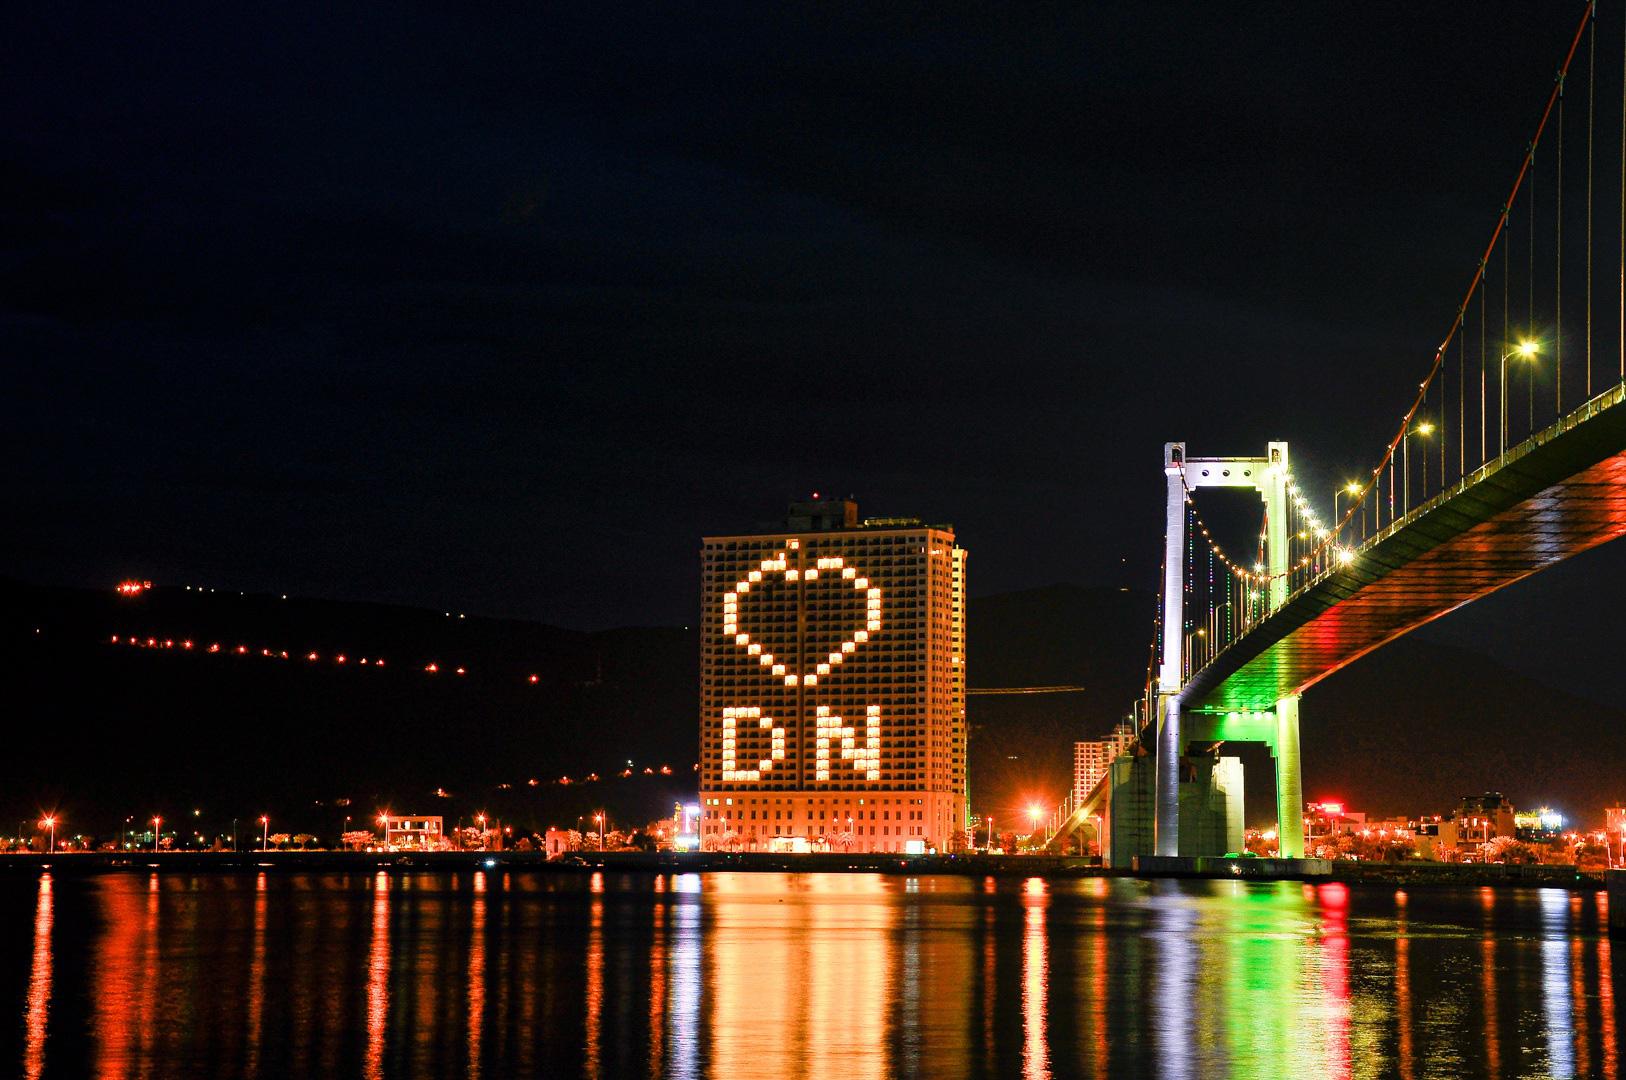 Đà Nẵng: Khách sạn đồng loạt lên đèn hình trái tim giữa mùa dịch Covid-19 - Ảnh 1.